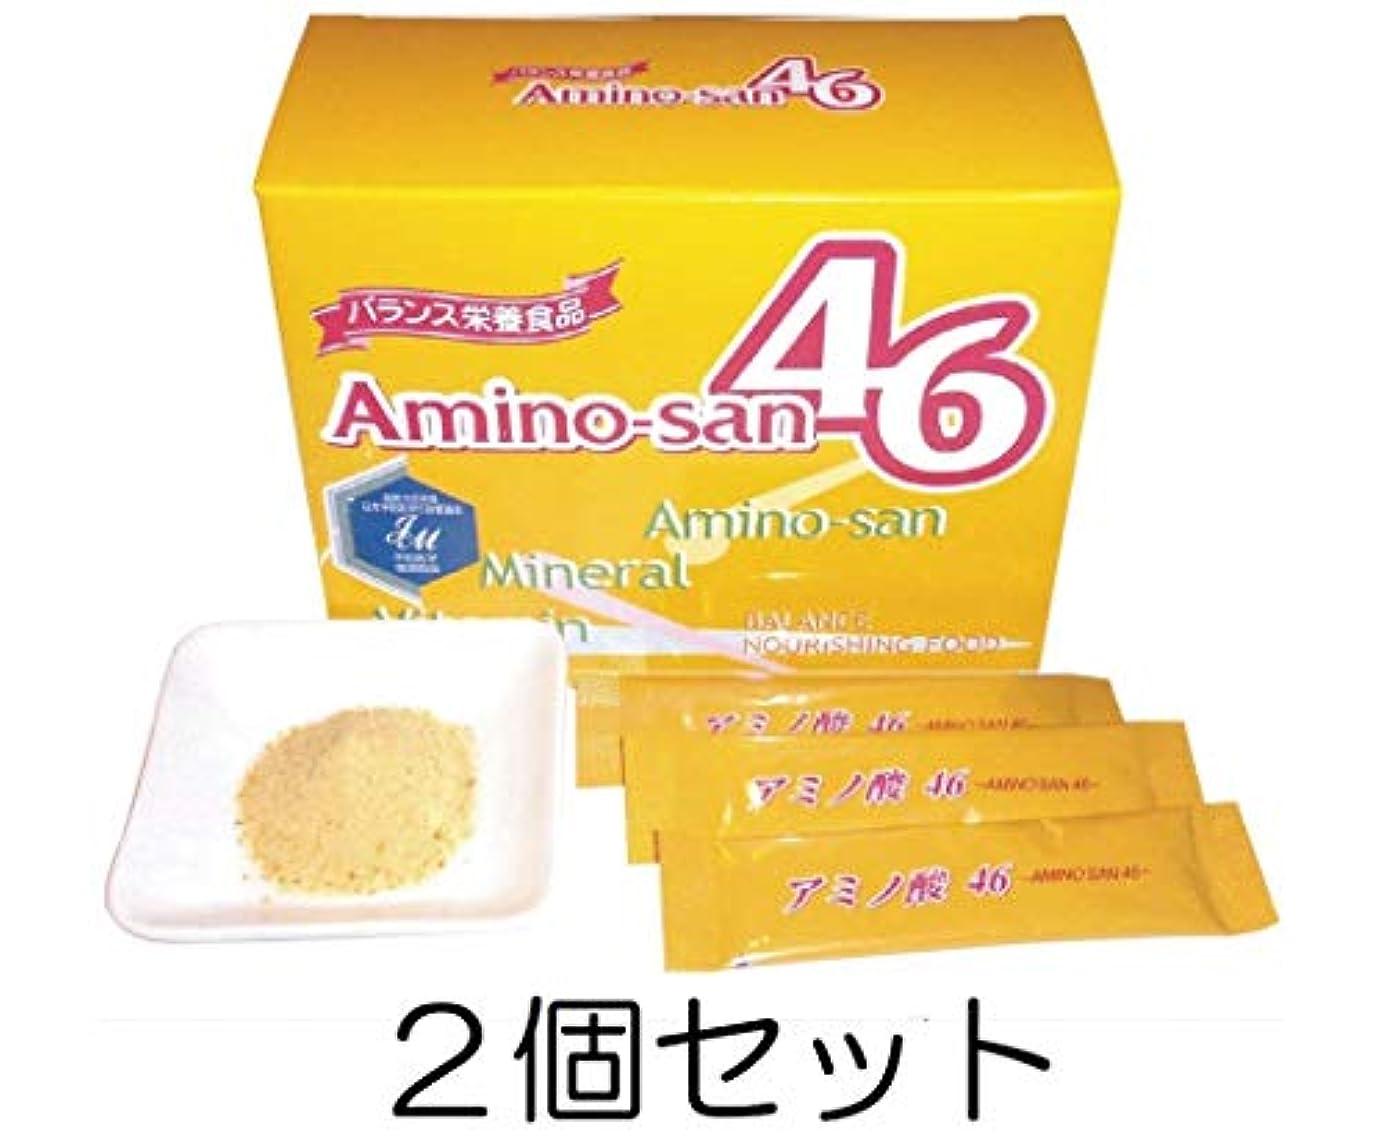 パッケージ上へ表向き【 アミノ酸46 (3g×60本?1か月分)×2箱セット】ポーレン(蜂蜜花粉)含有 サプリメント